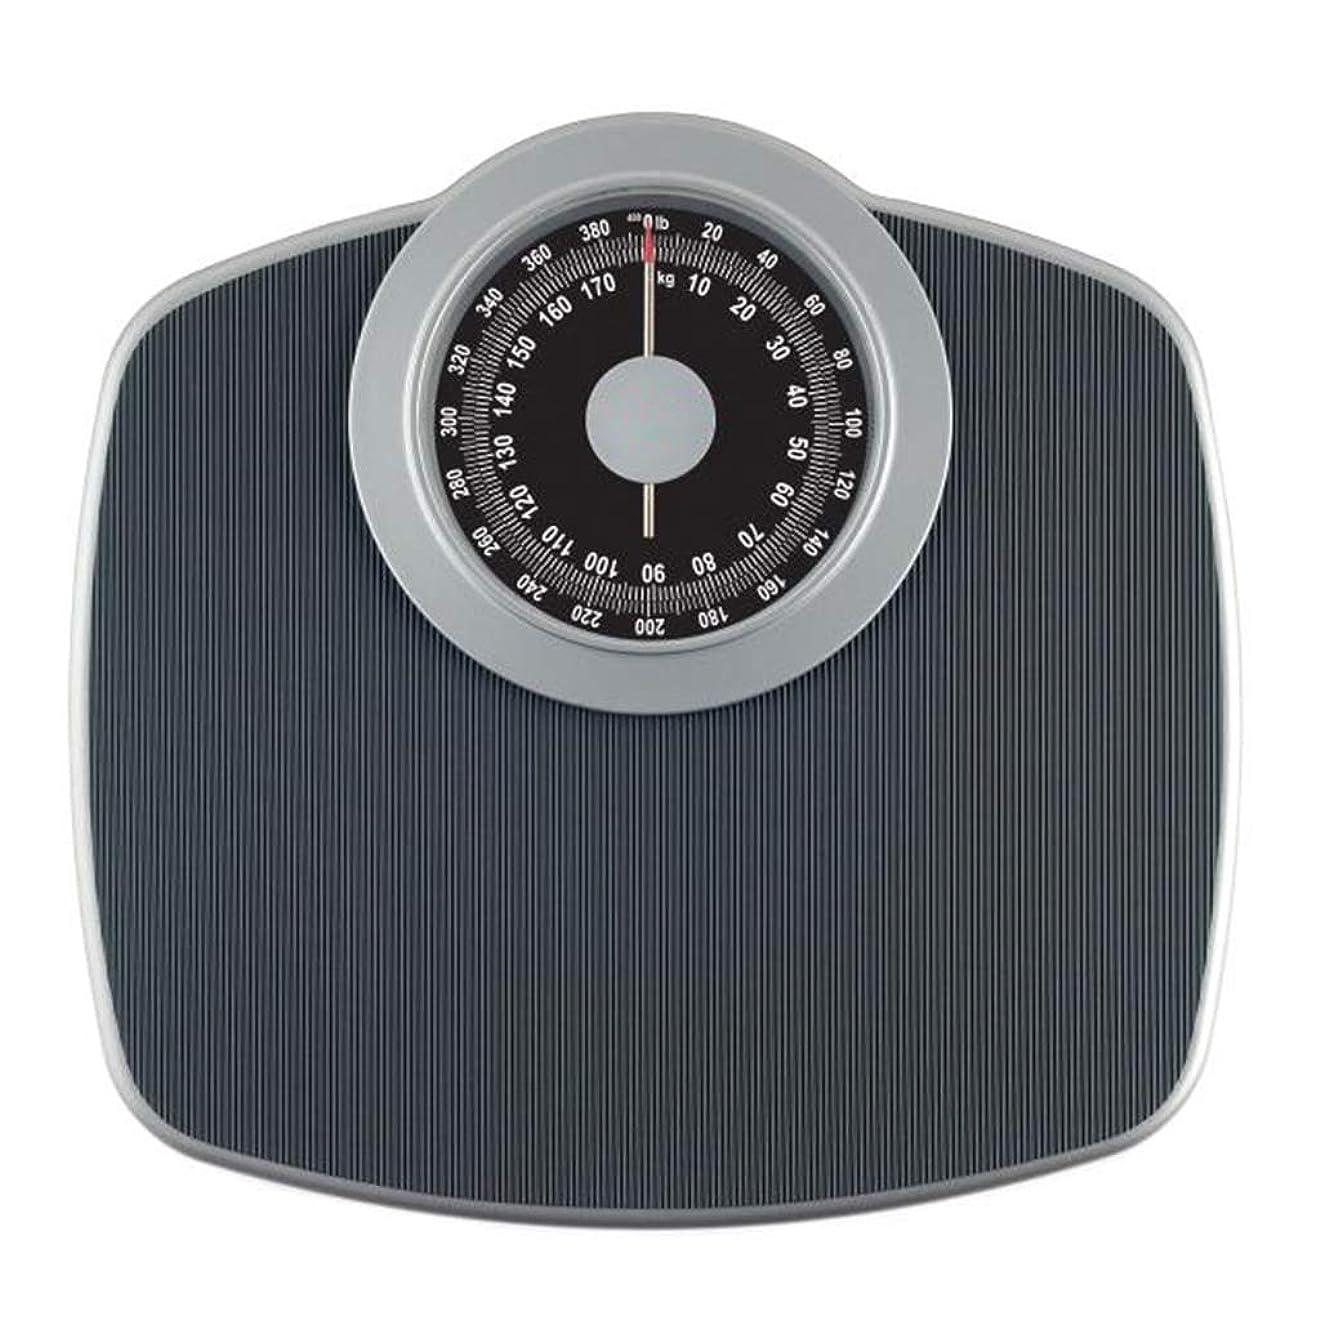 イライラするアトラス因子精密機械式体重計 在宅医療用体重計、バッテリー不要のアップグレード版